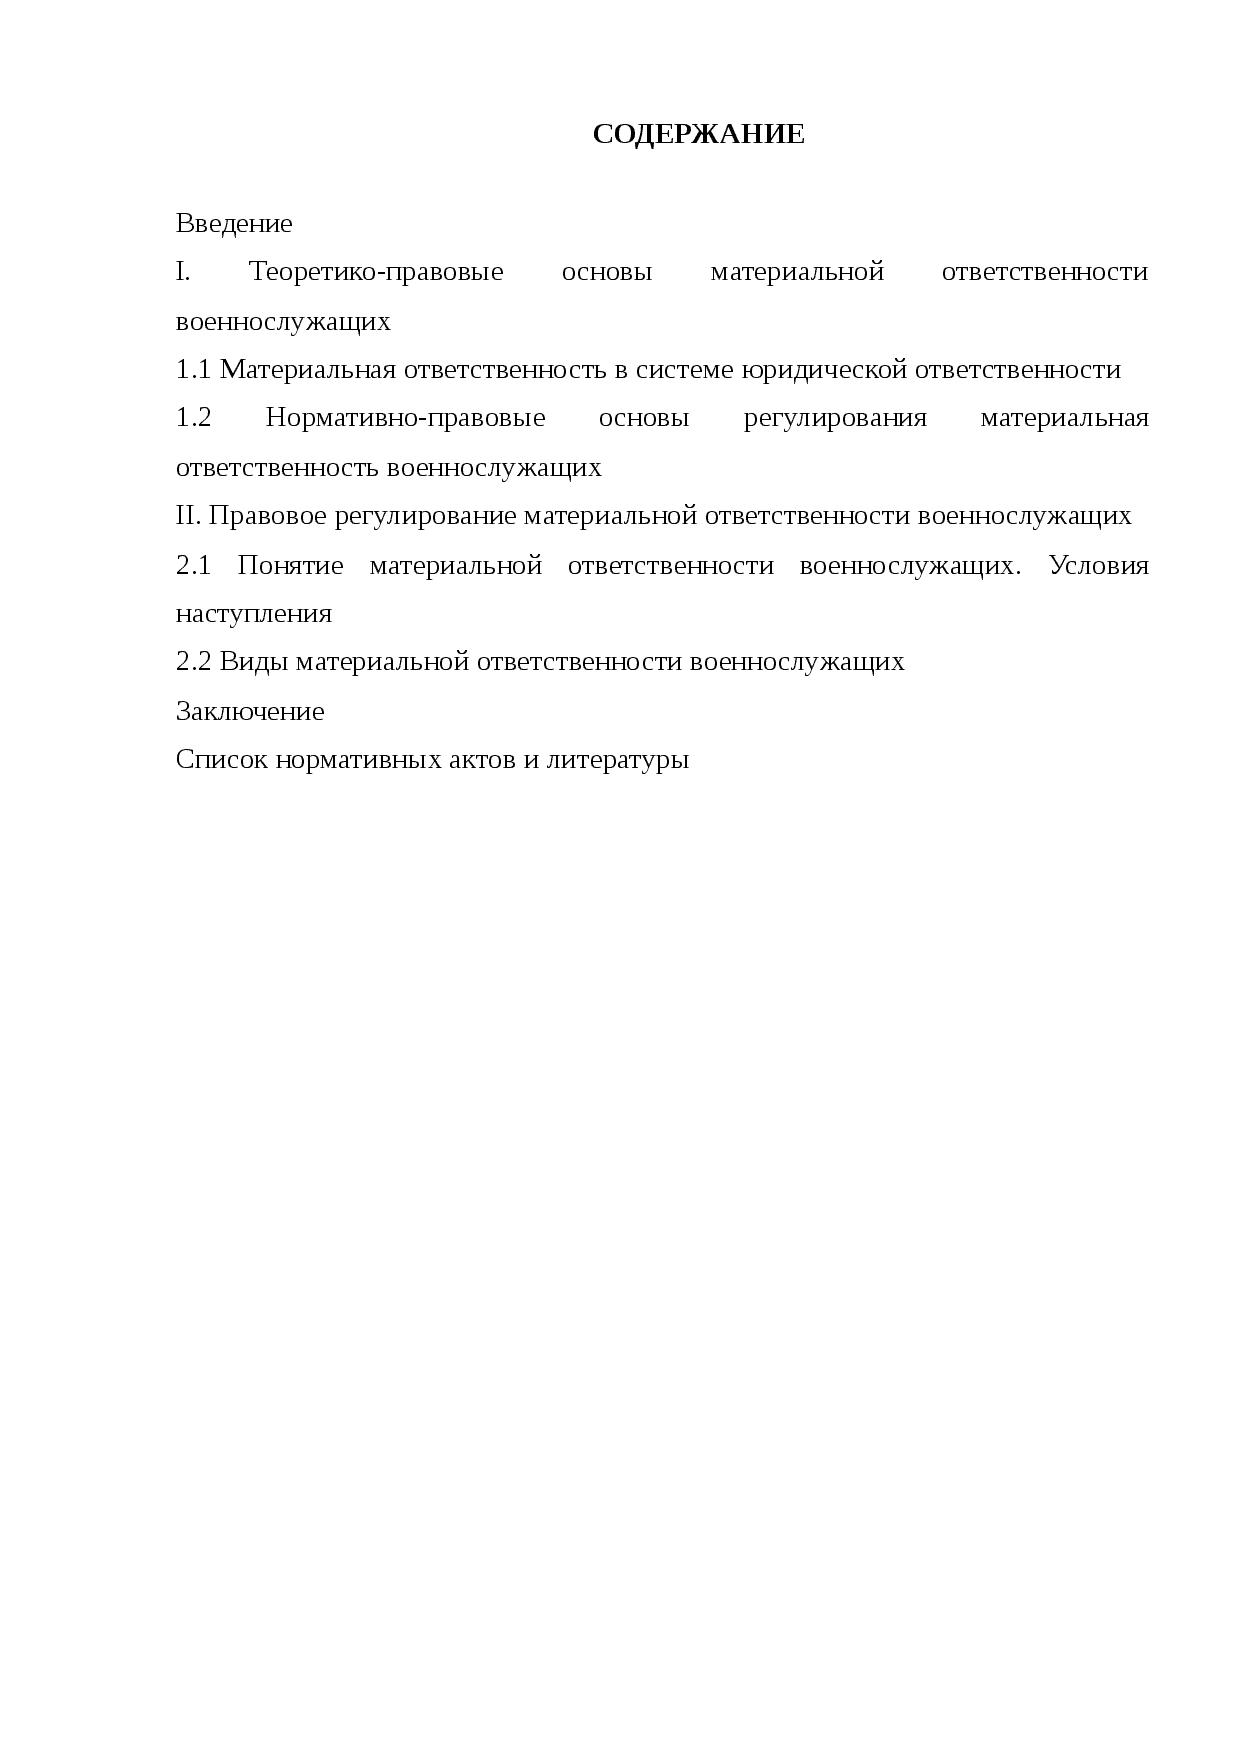 161 фз о материальной ответственности военнослужащих